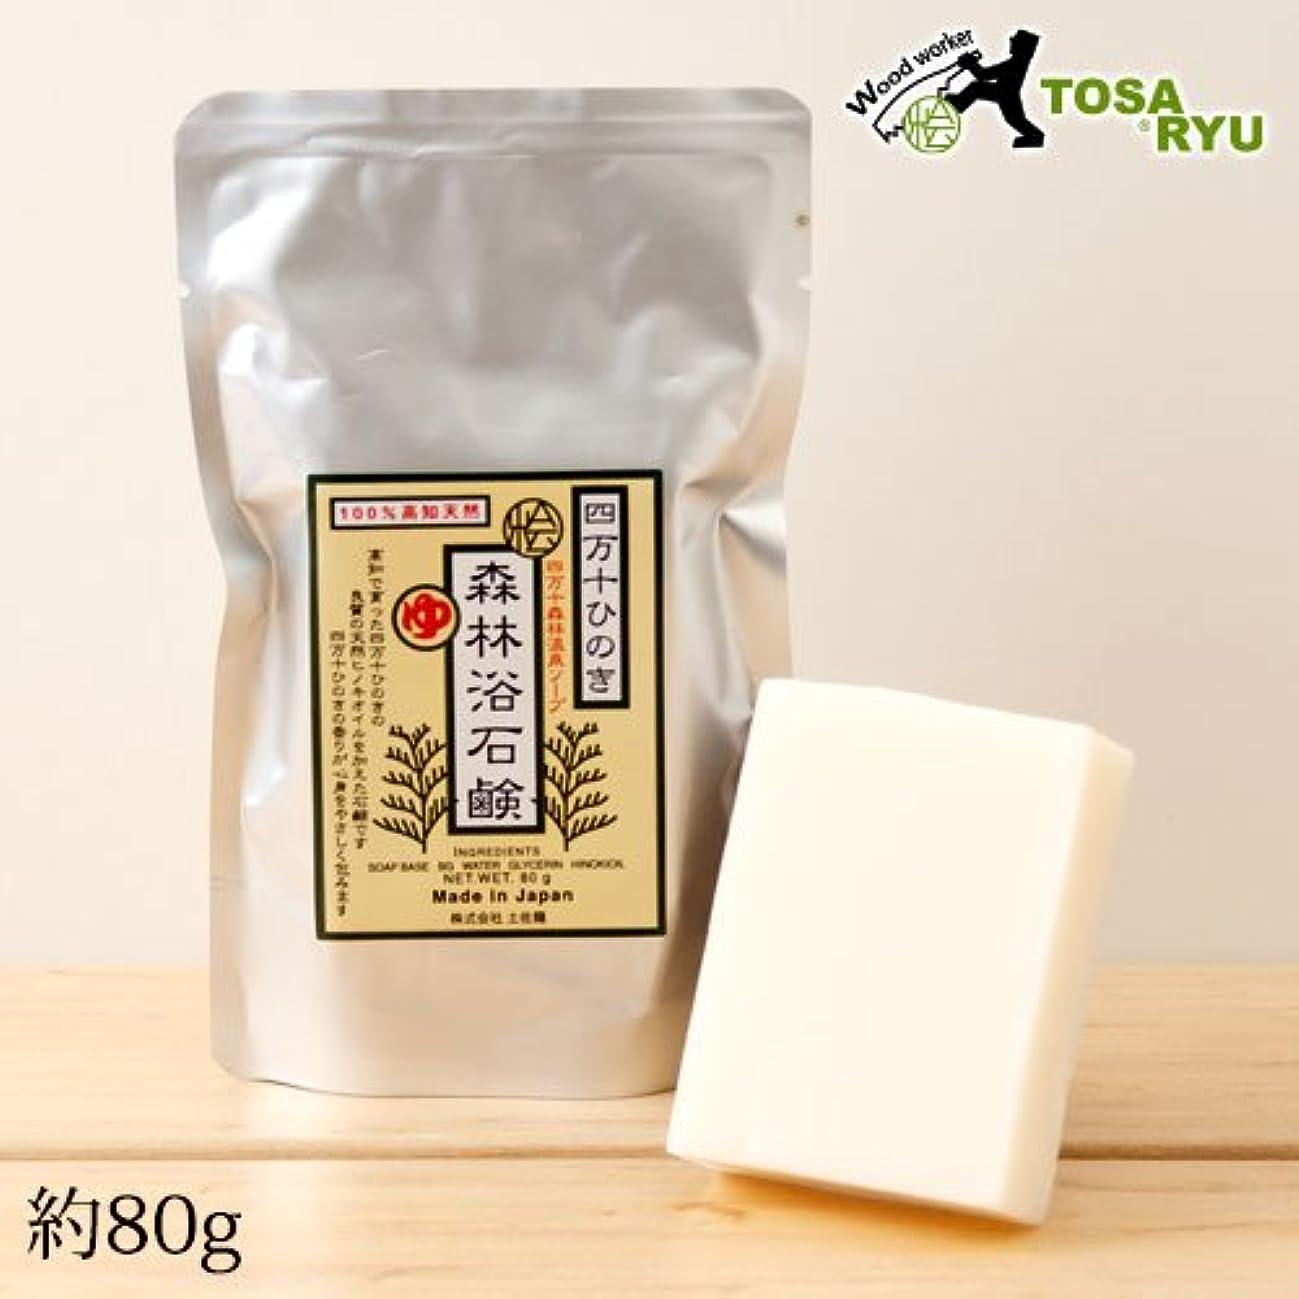 アテンダントばかげた動揺させる土佐龍四万十森林温泉石鹸ひのきの香りのアロマソープ高知県の工芸品Aroma soap scent of cypress, Kochi craft